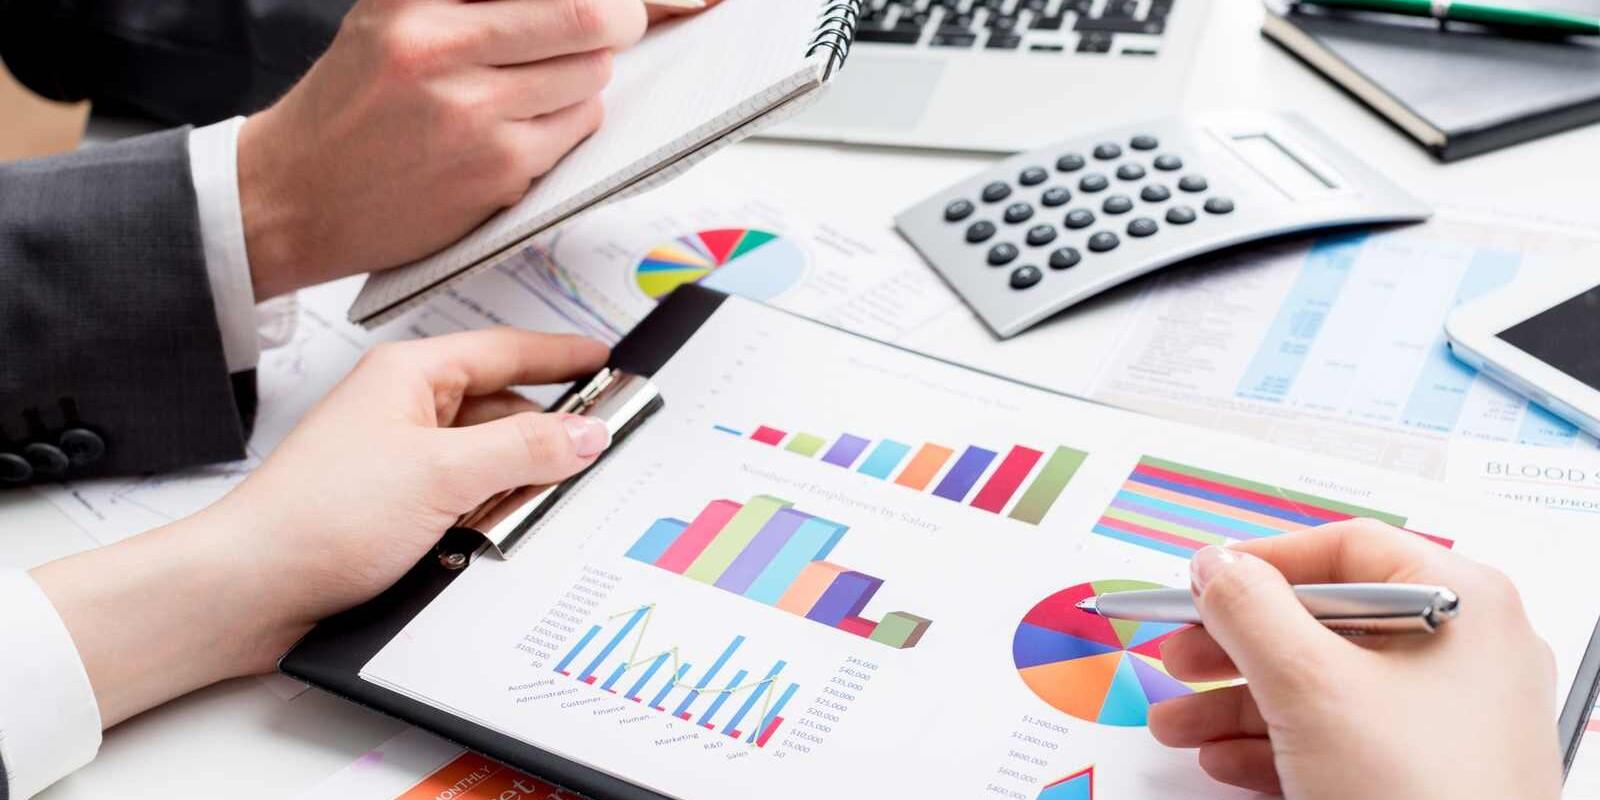 Học kế toán thực hành online tại Tp.HCM - KẾ TOÁN THUẬN VIỆT